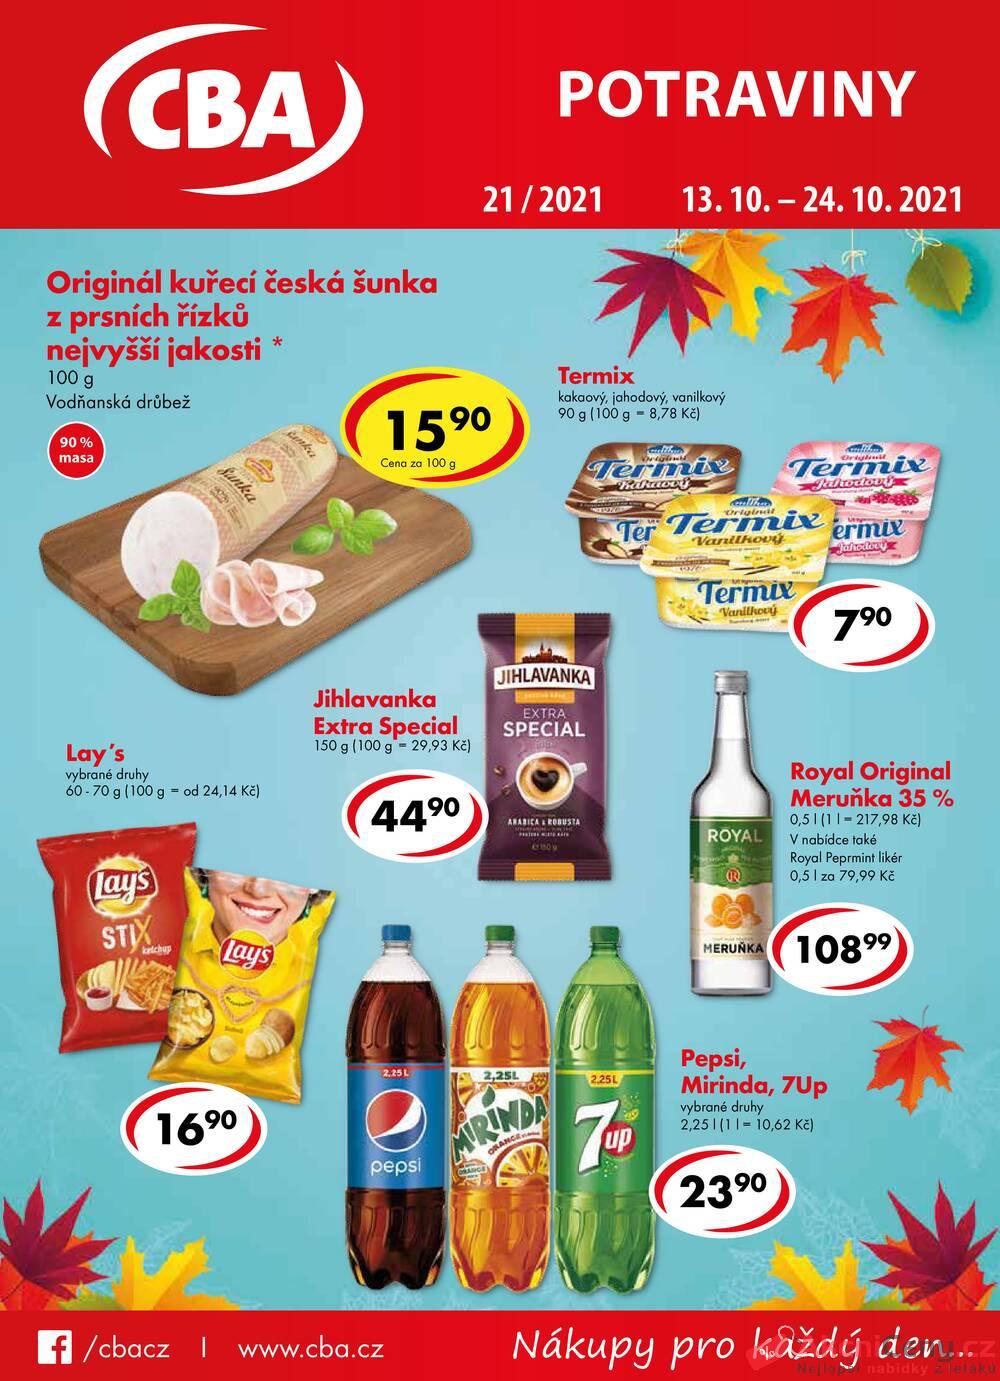 Leták CBA prodejní družstvo - CBA potraviny od 13.10. do 24.10.2021 - strana 1